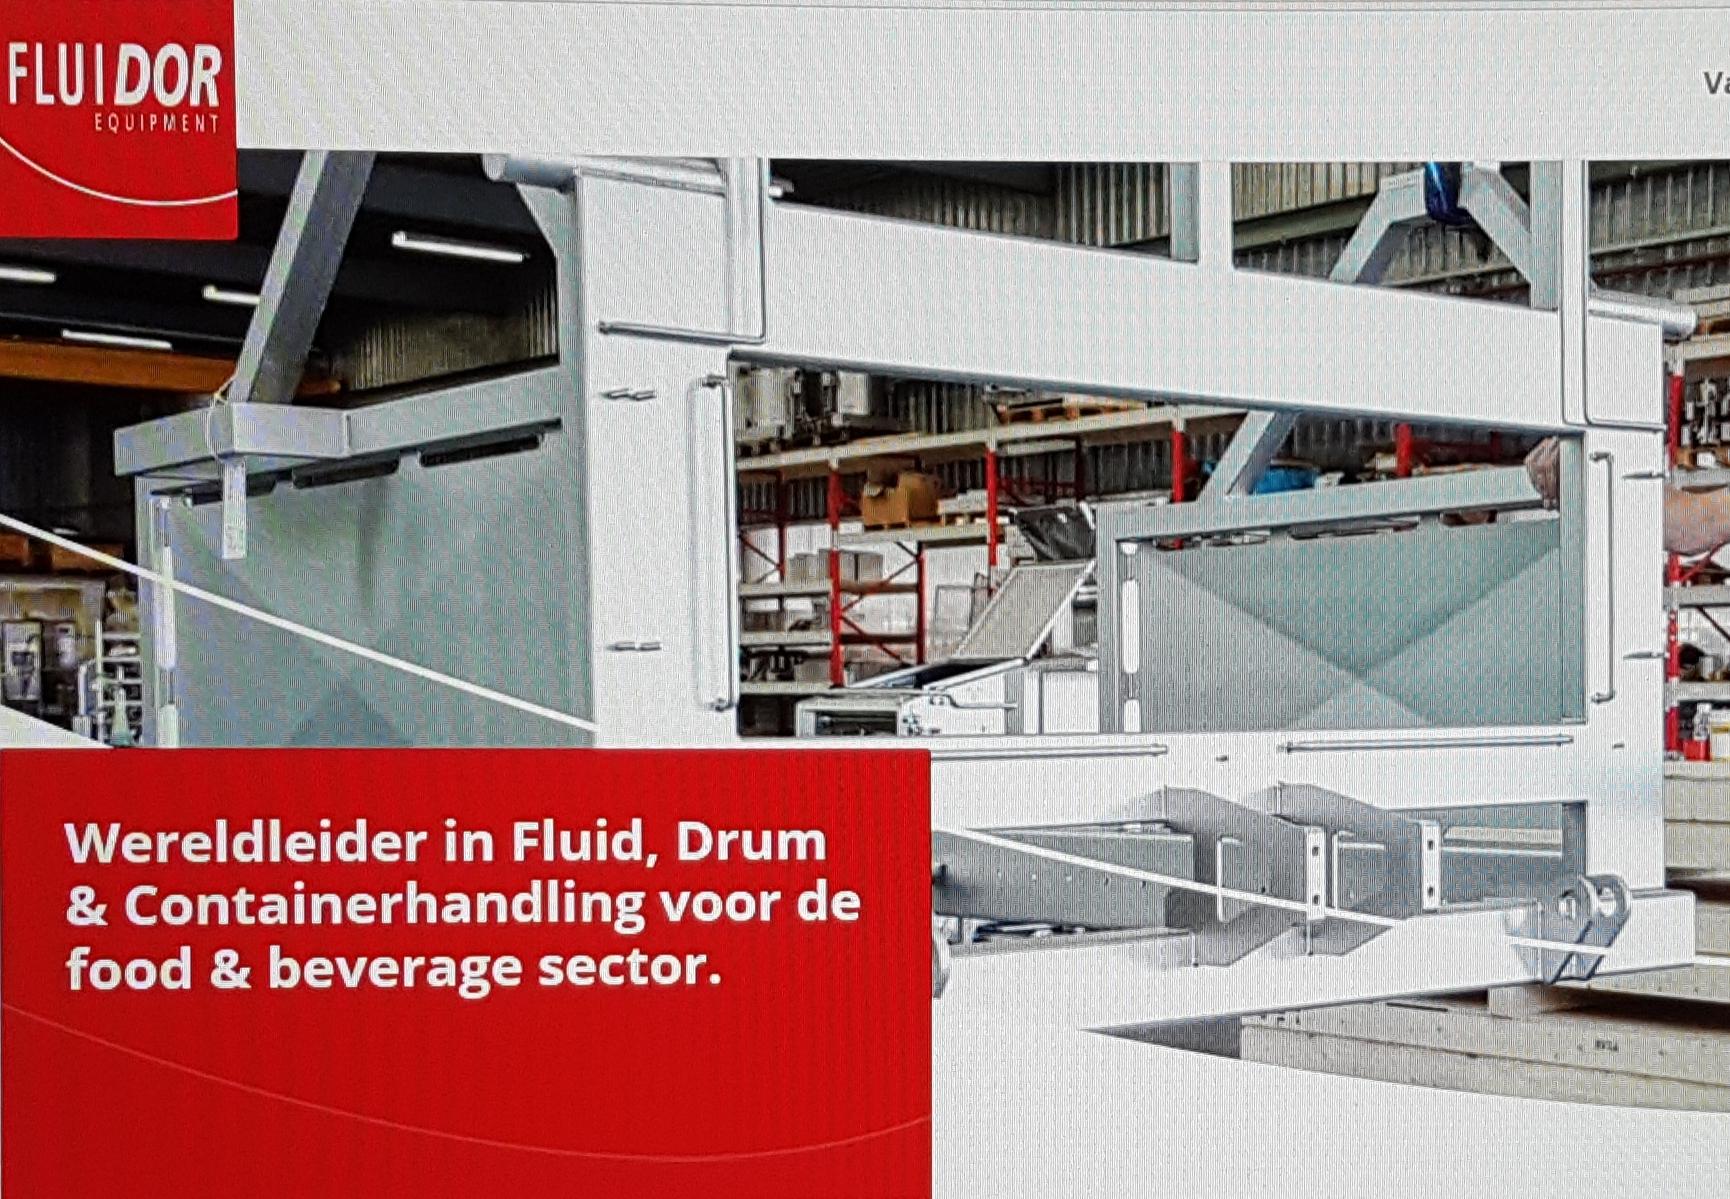 Nieuwbouw Fuidor Equipment Raamdonksveer